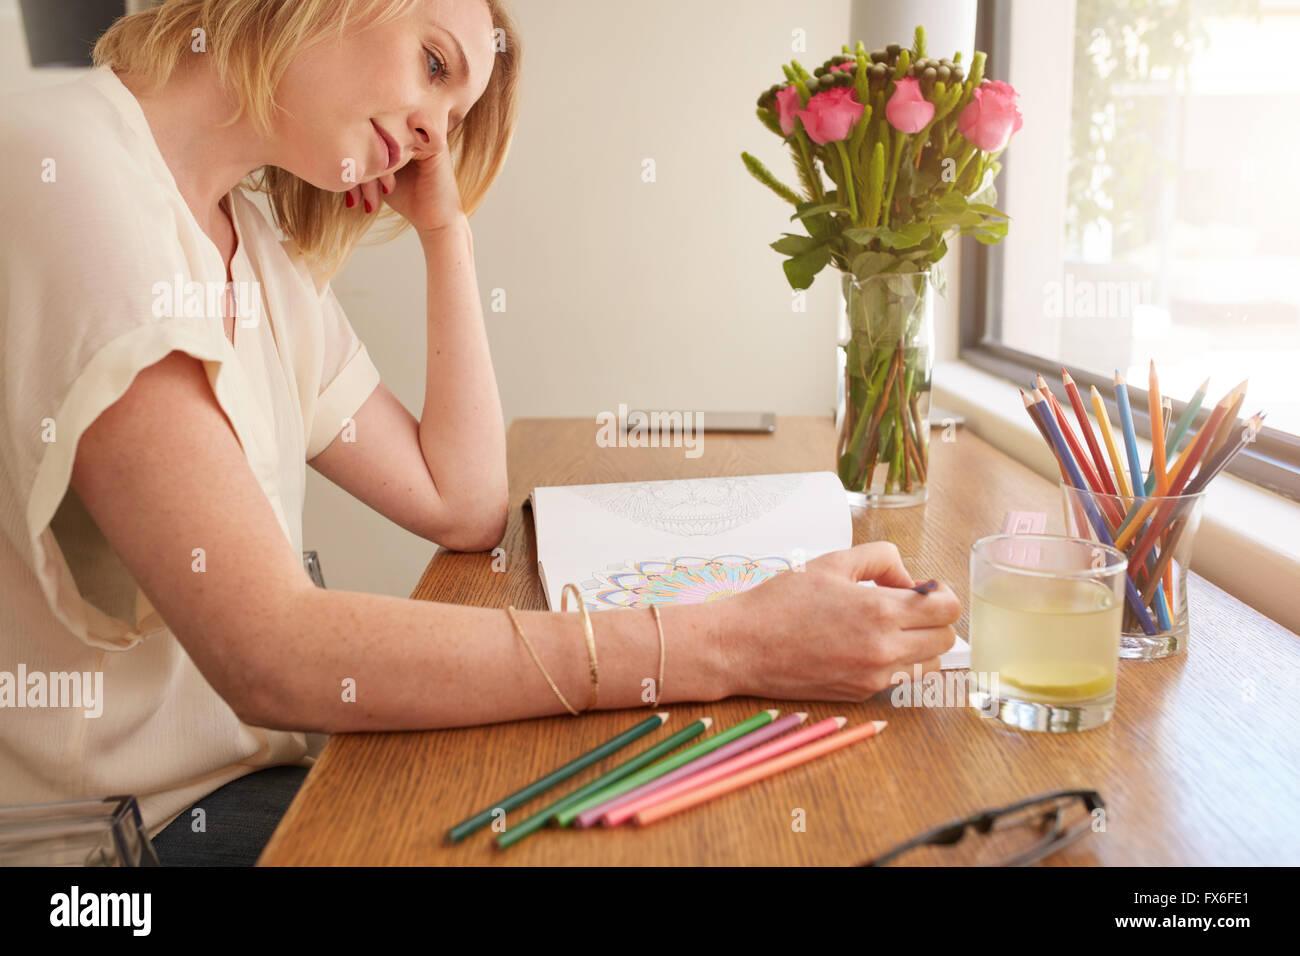 Mujer sacando un adulto coloring book mientras cómodamente sentado en una mesa junto a una ventana. Imagen De Stock